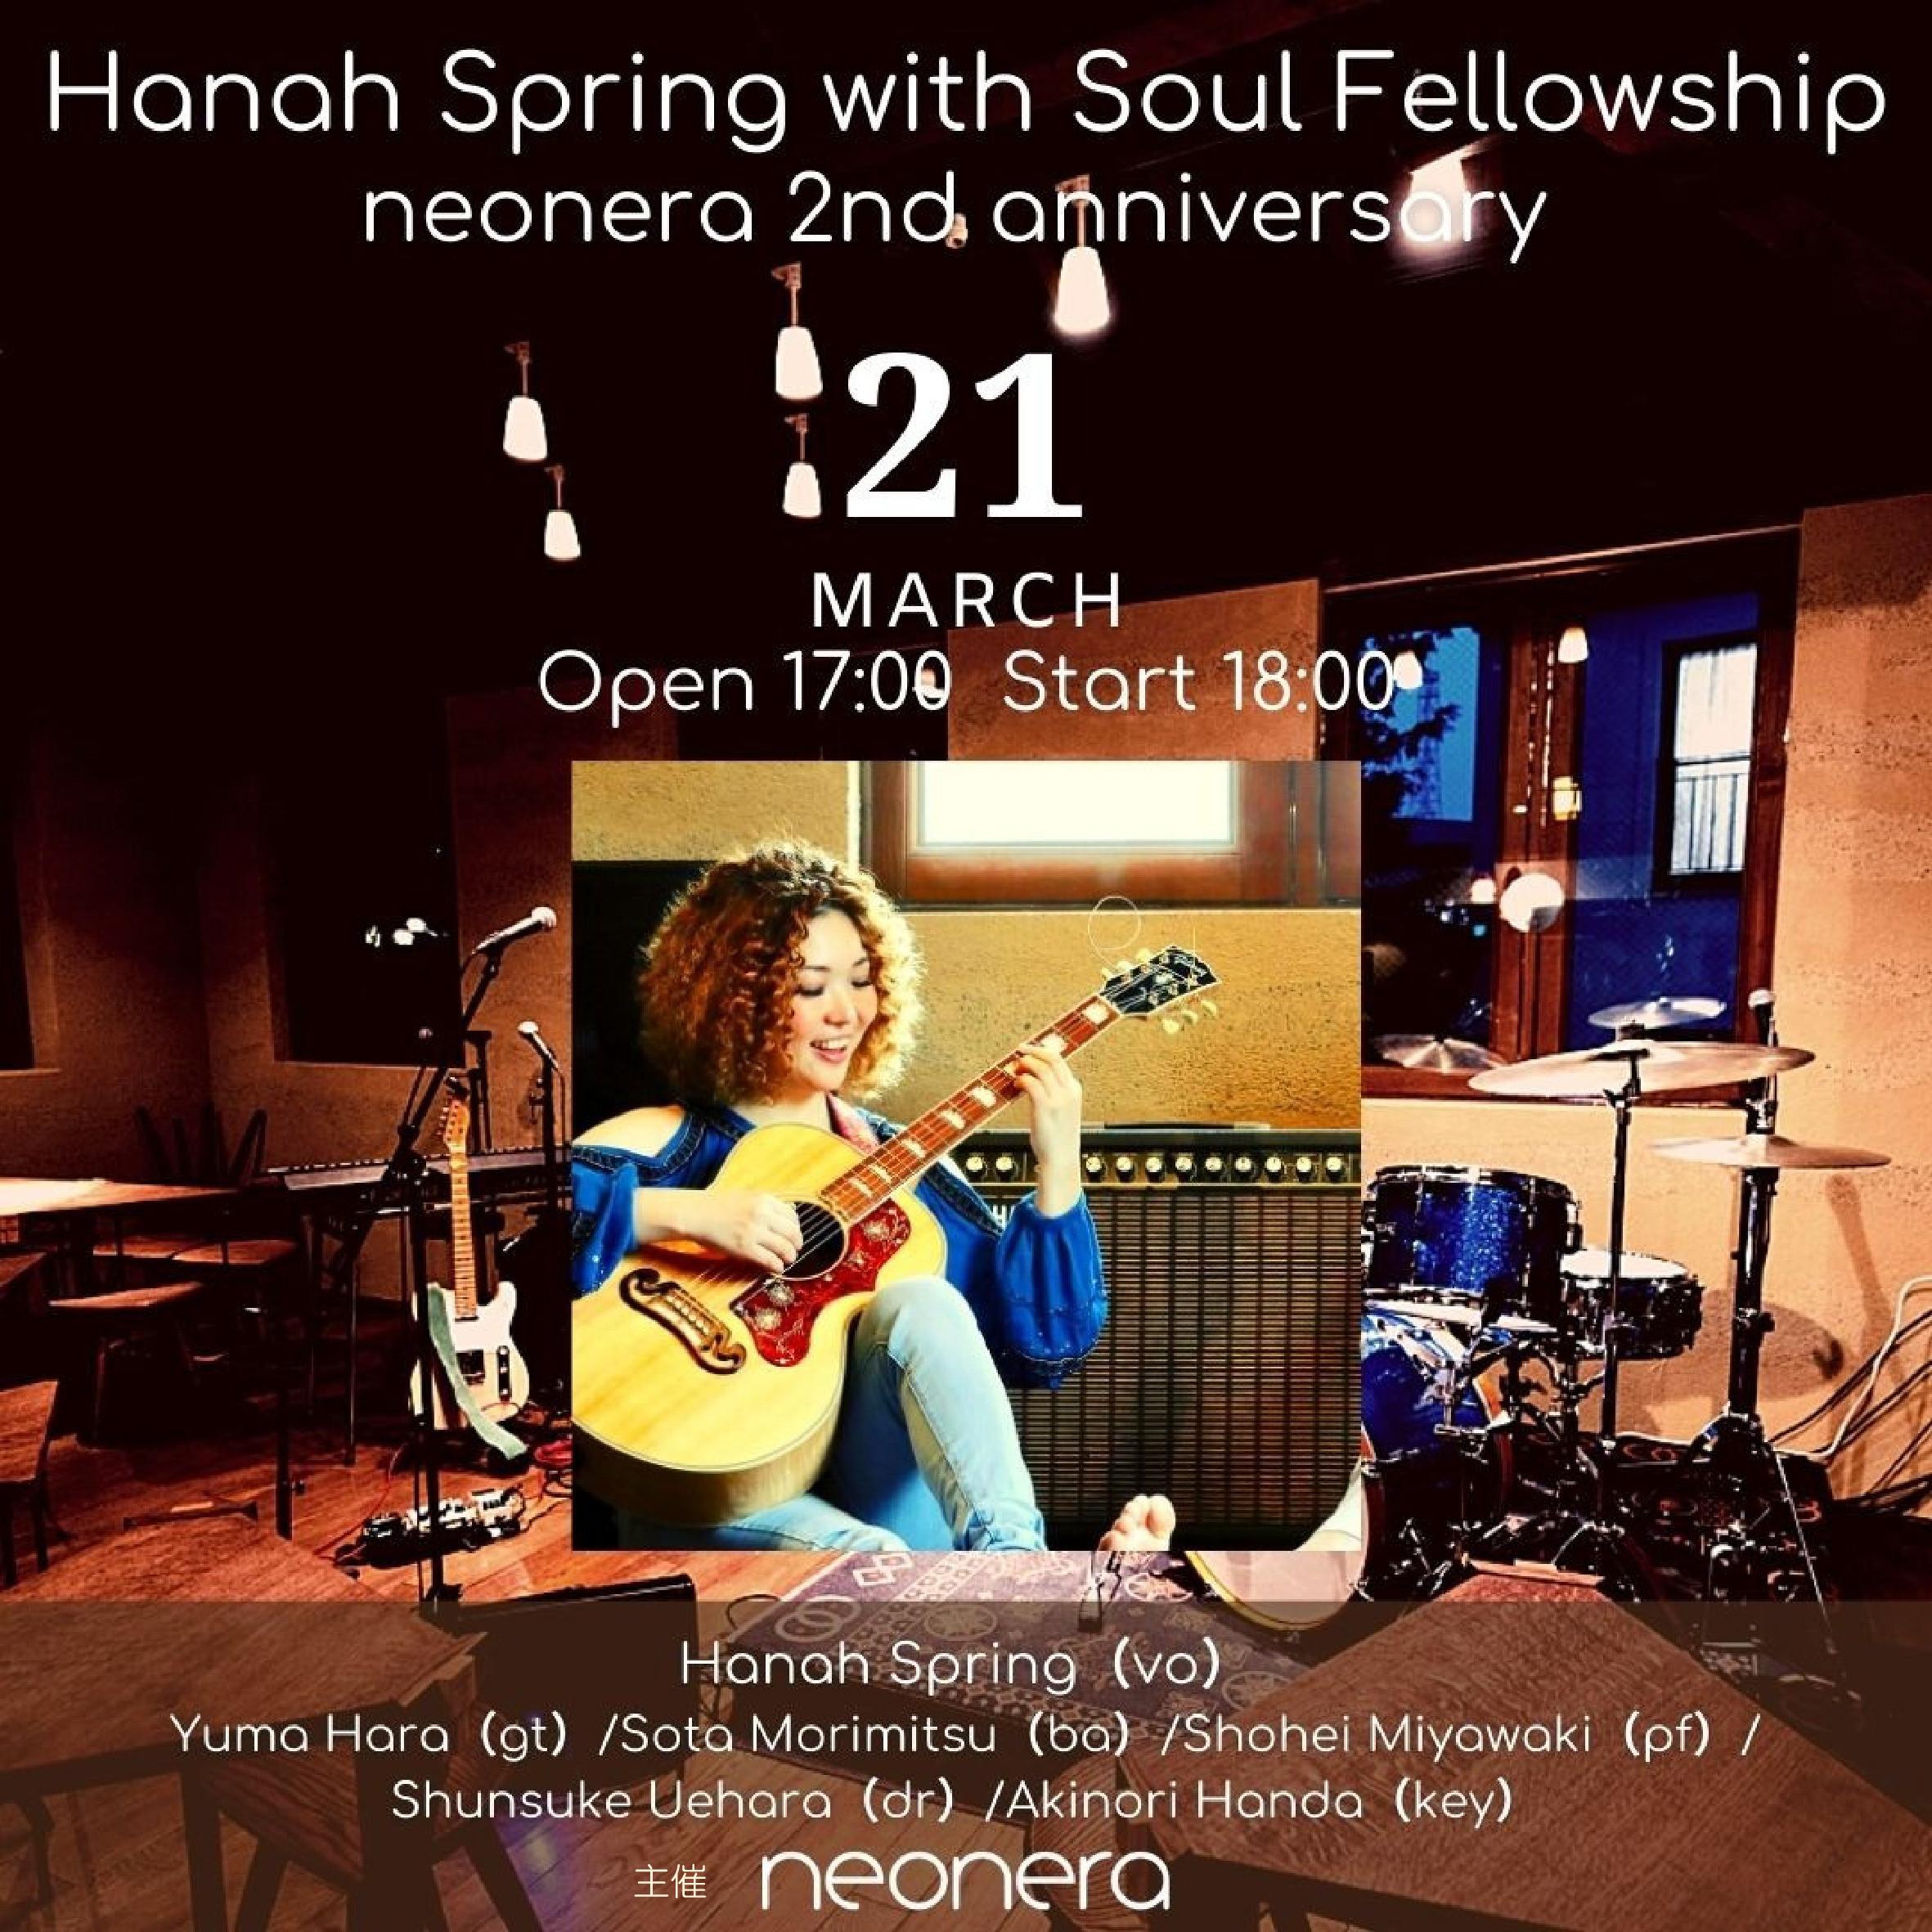 3月21日(日)Hanah Spring with Soul Fellowship neonera 2nd anniversary Live